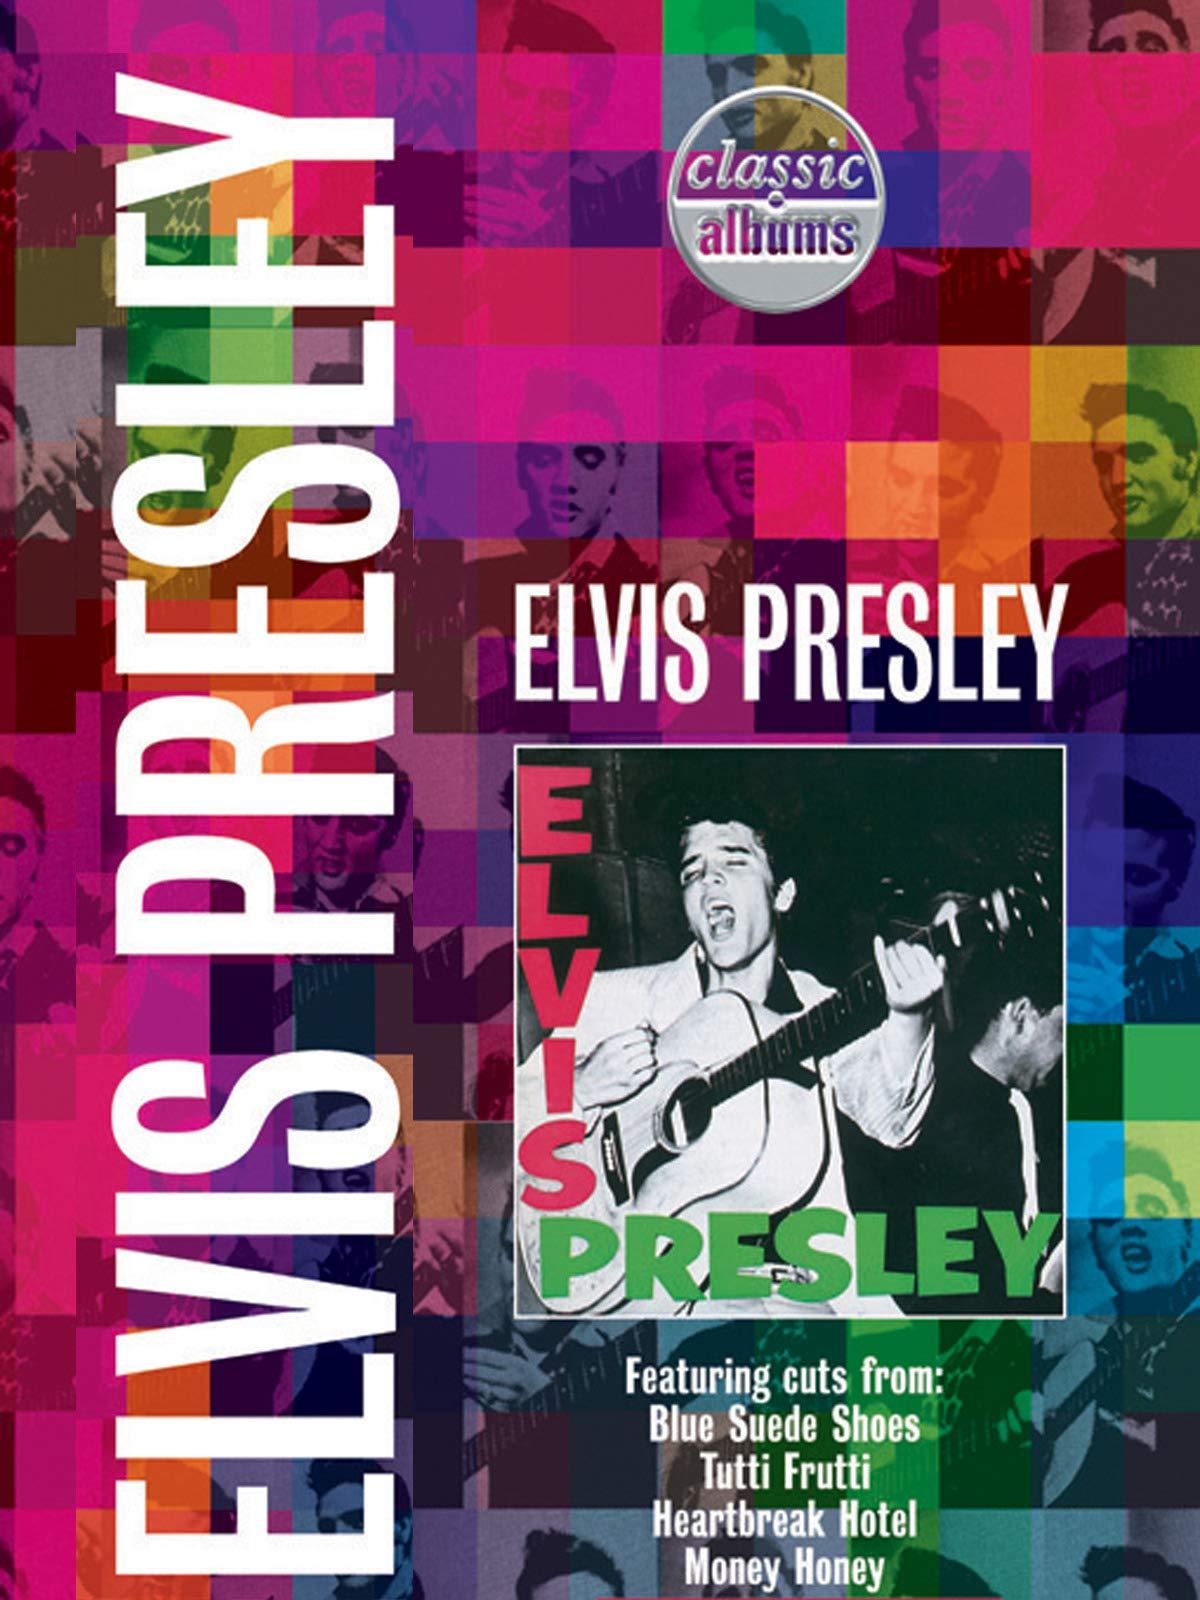 Elvis Presley - Elvis Presley (Classic Album) on Amazon Prime Video UK